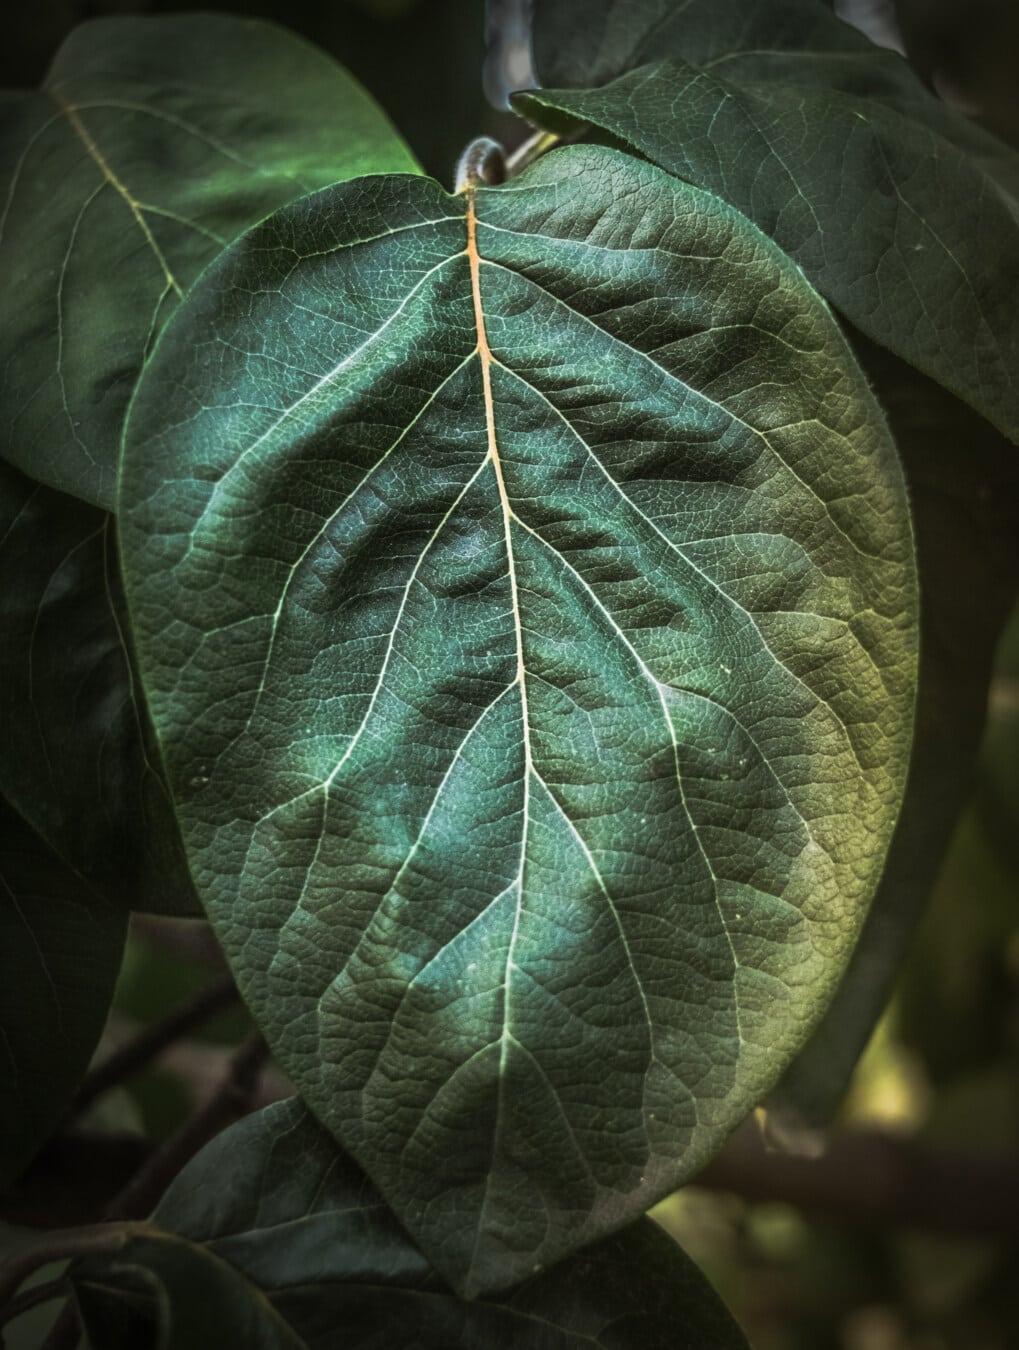 grünes Blatt, Quitte, groß, aus nächster Nähe, Vene, Detail, Kraut, Anlage, Blatt, Struktur